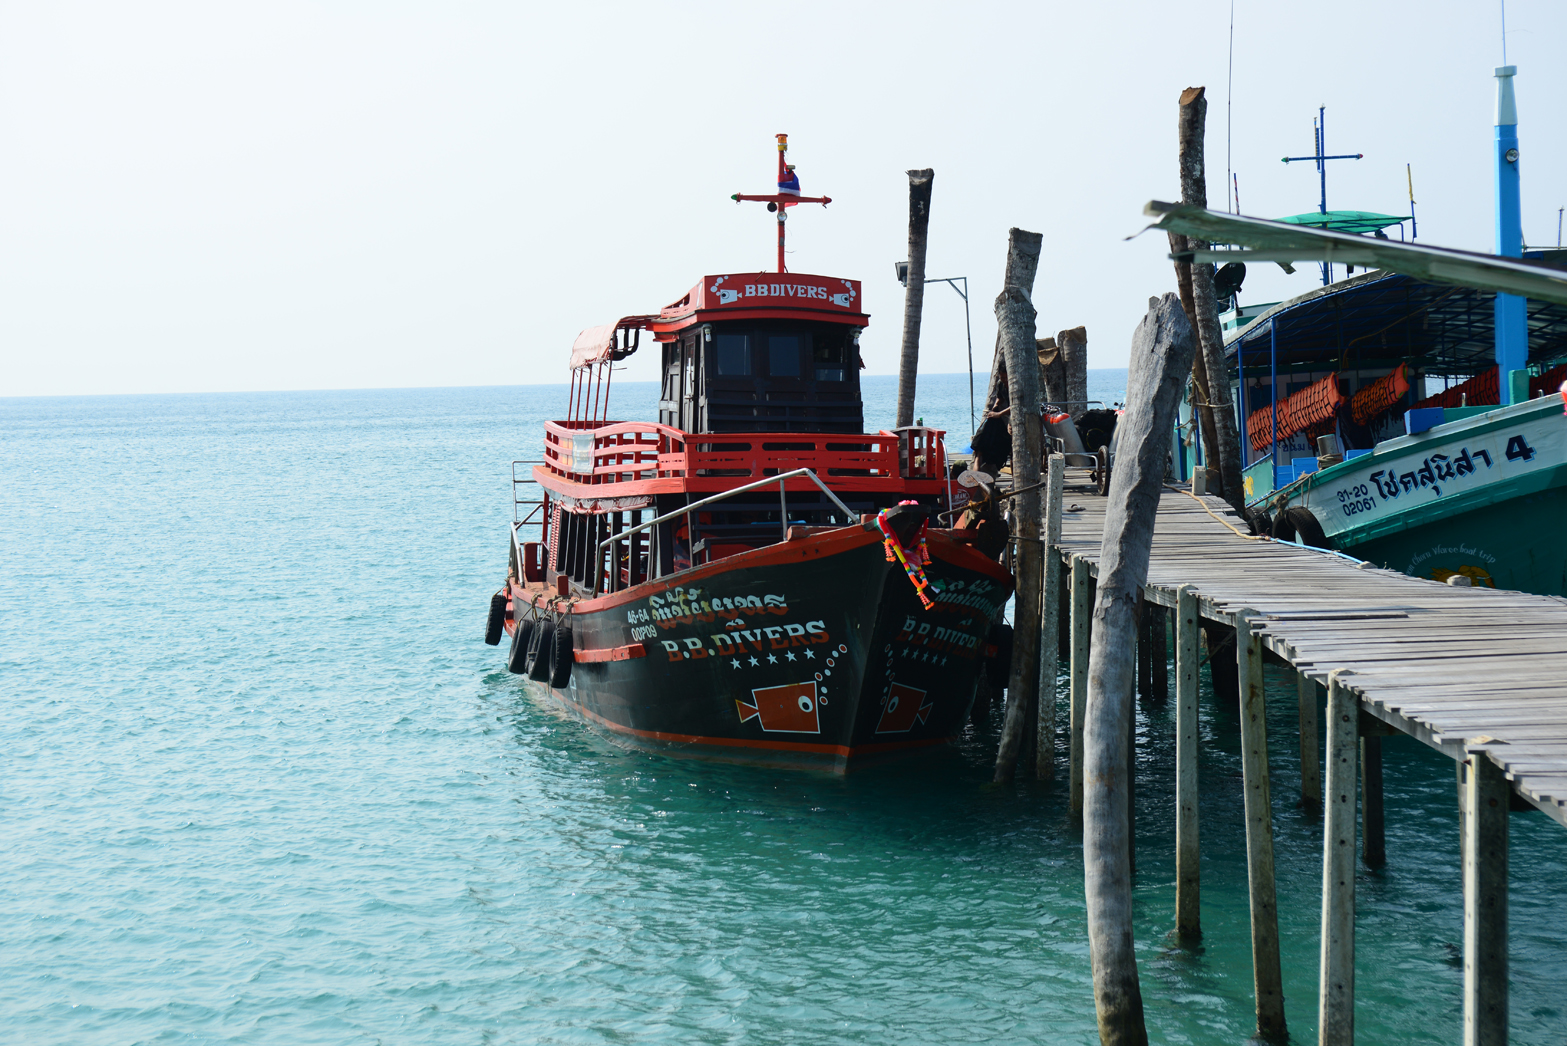 boat-on-pier